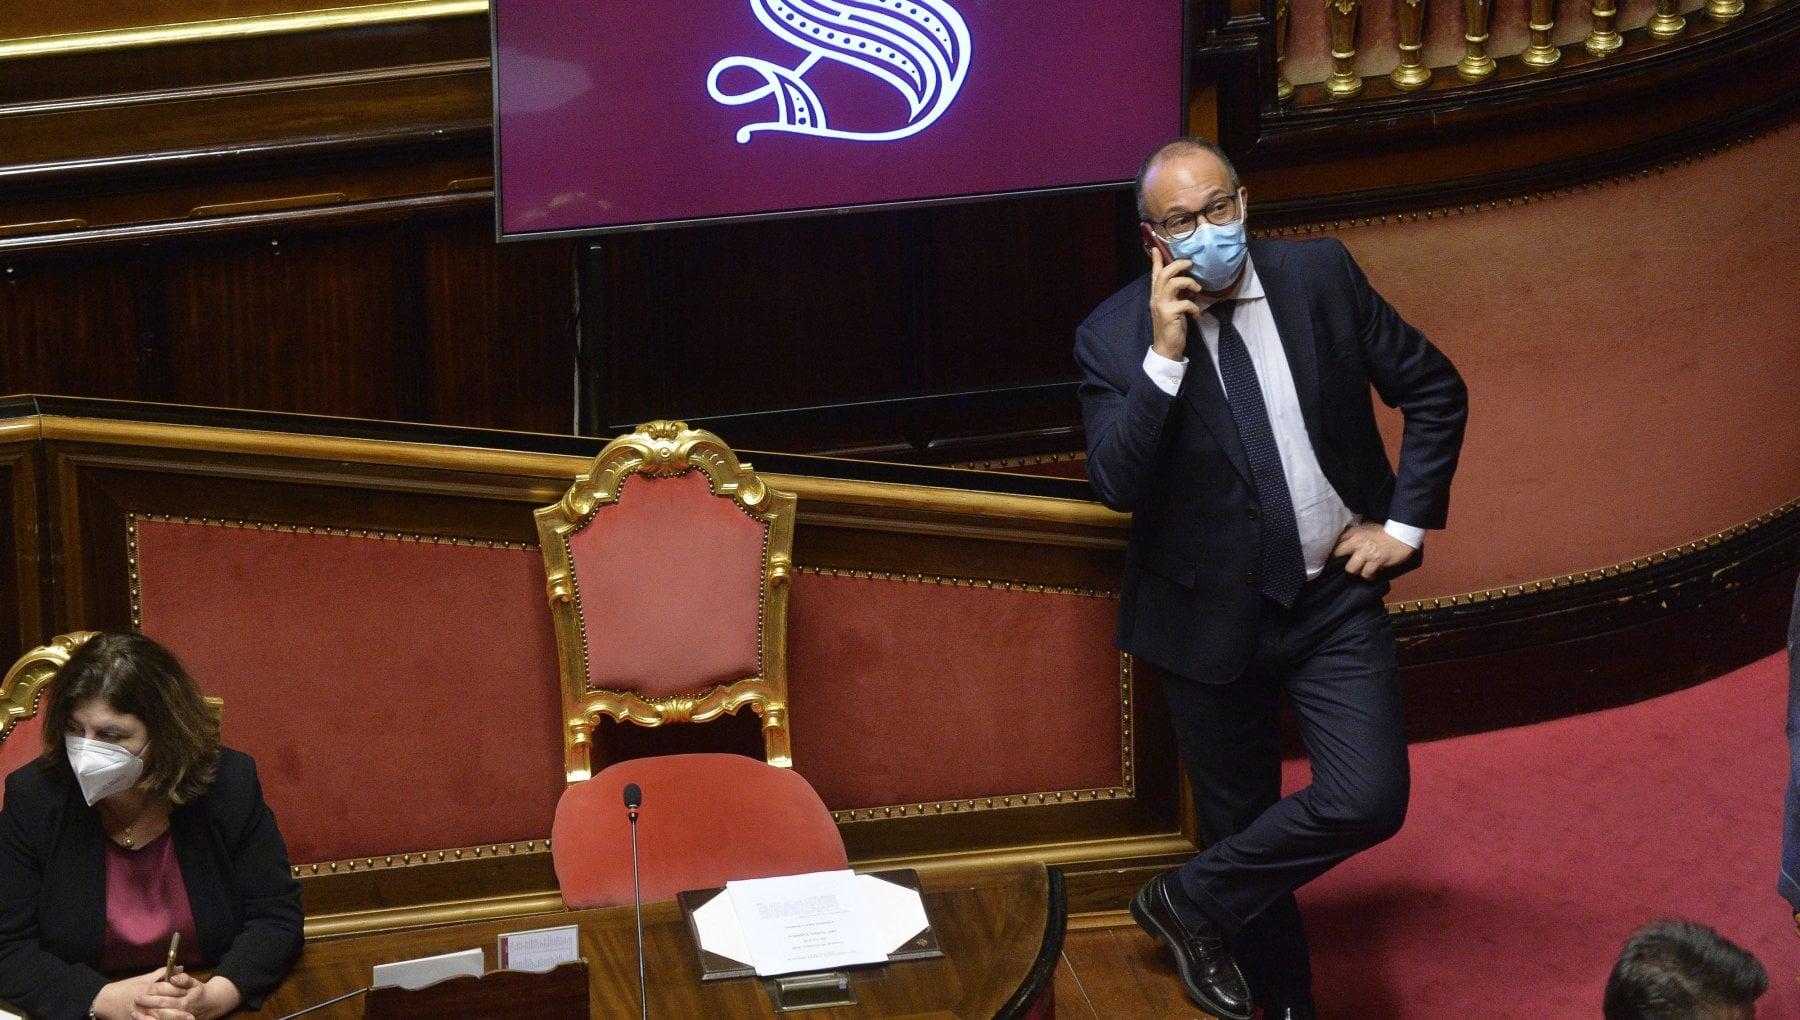 Governo i gruppi renziani temono il voto anticipato. Faraone a Franceschini Ha fatto chiudere i musei e ora invoca le urne